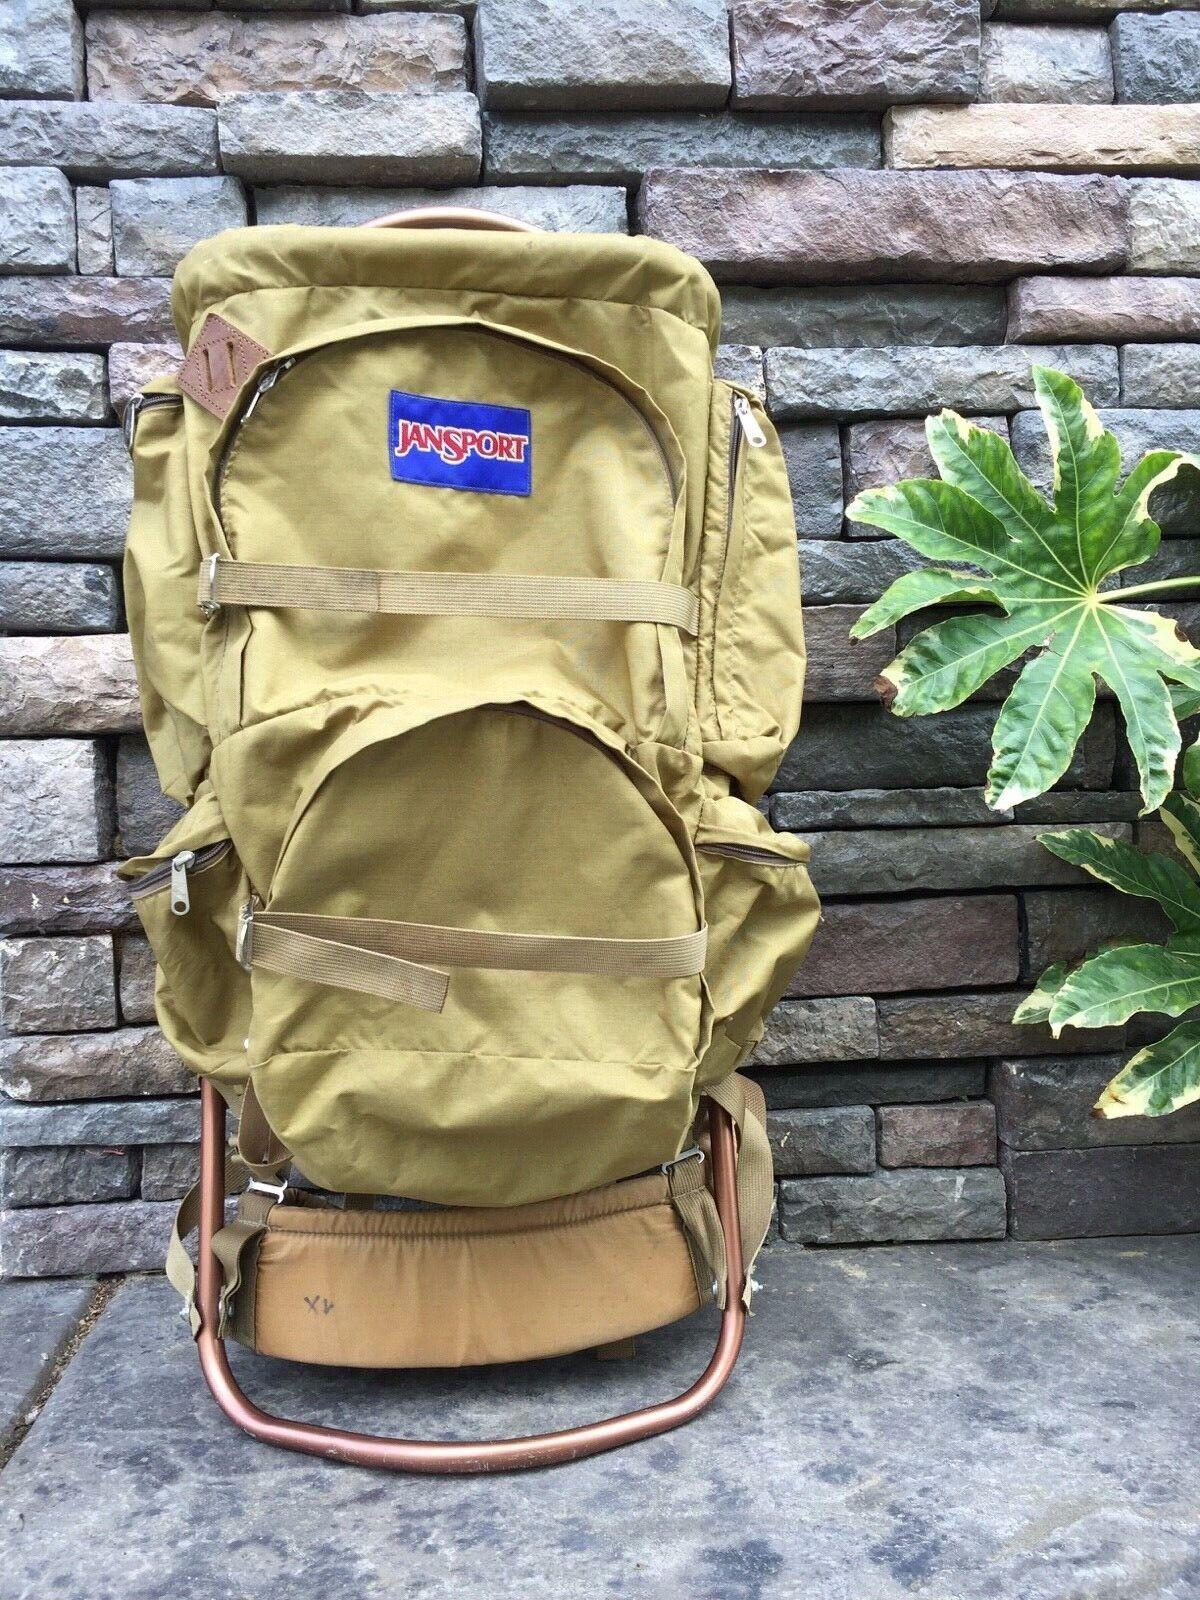 Vintage 70s Jansport  K2 External Frame Hiking Cámping Backpack  alta calidad general